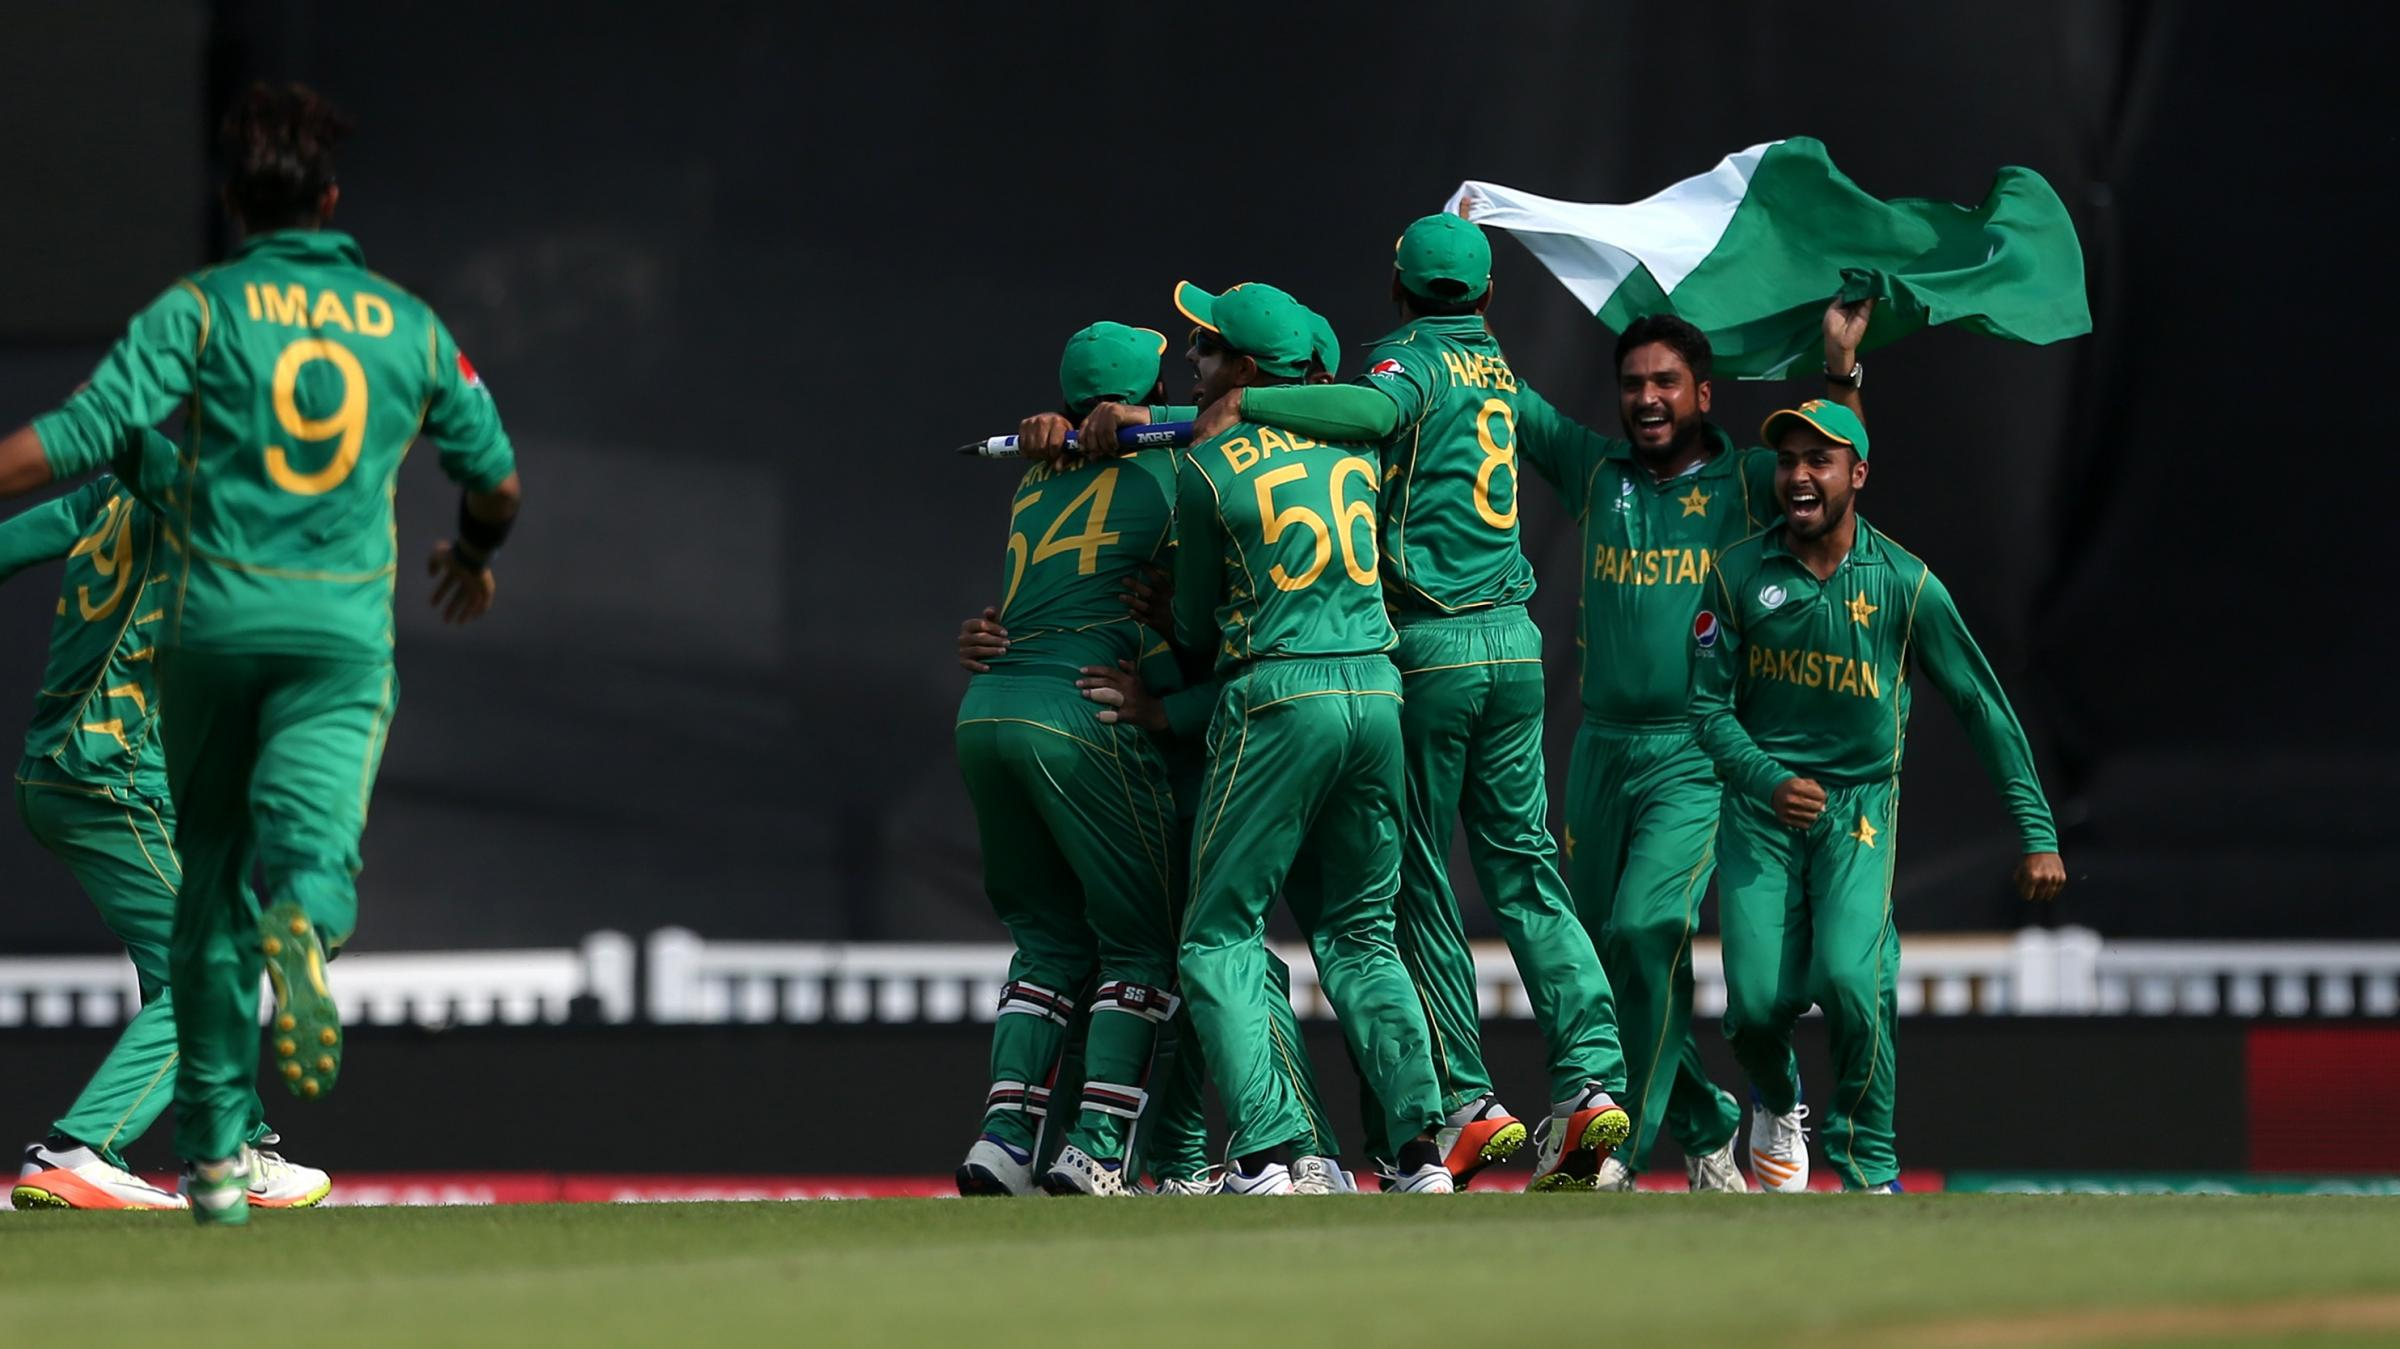 Virat Kohli shows his class despite defeat against Pakistan